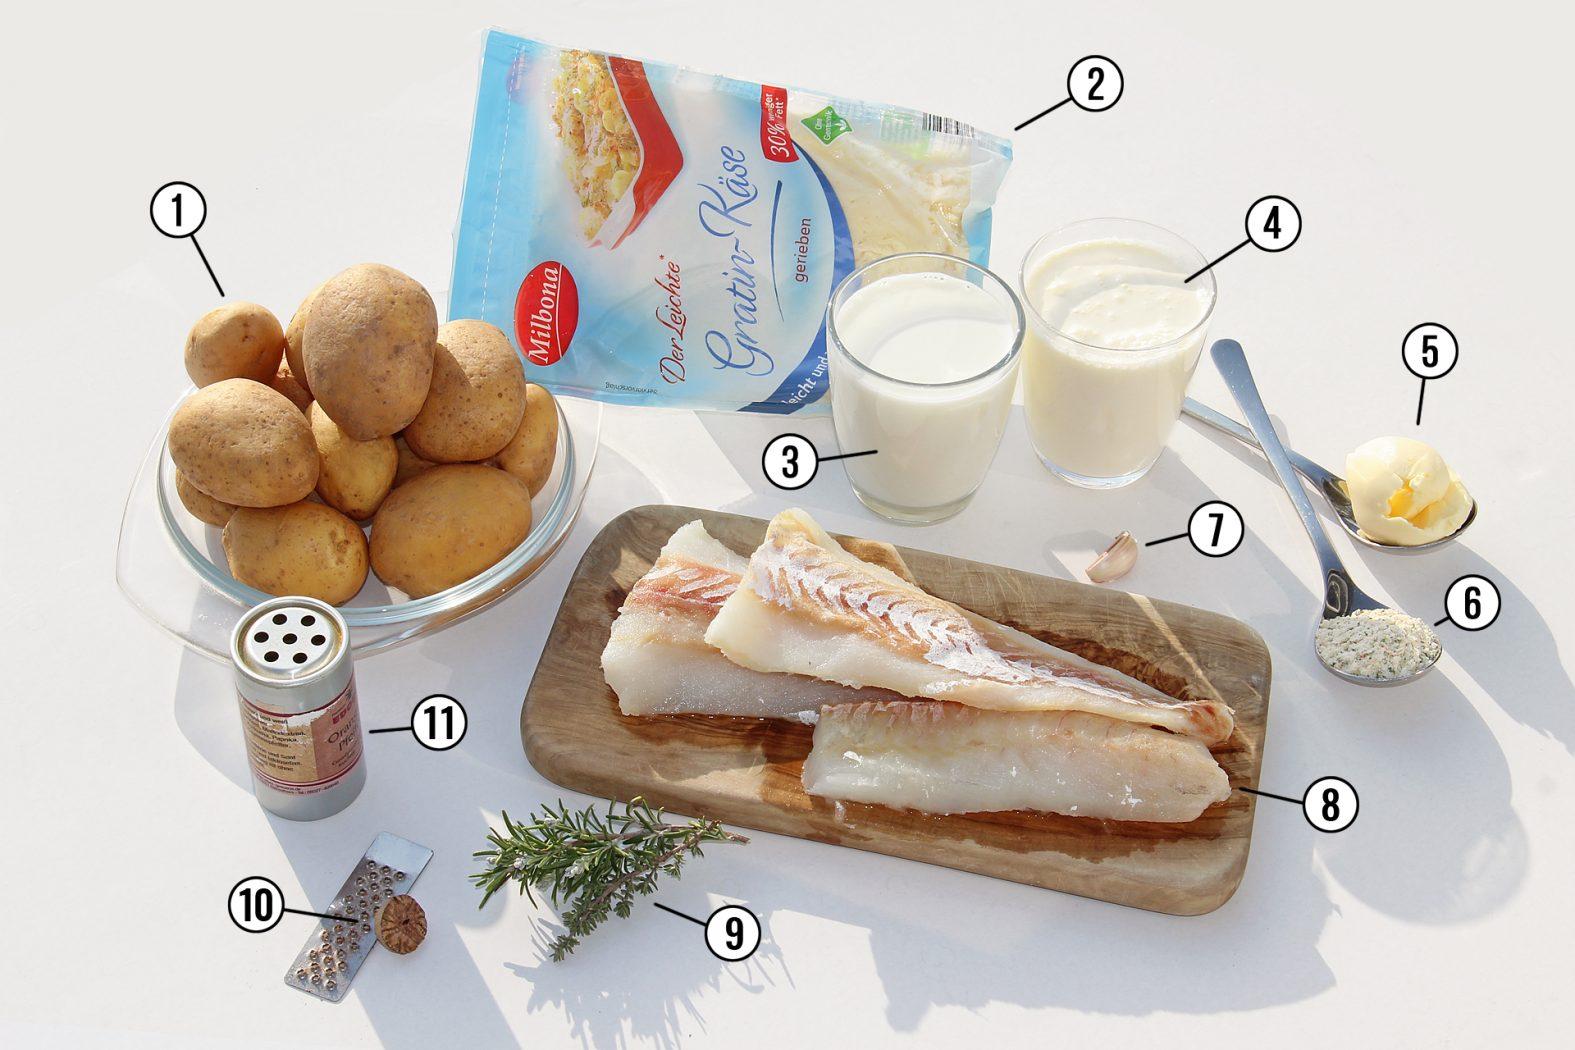 Das Rezept für gebackenen Fischauflauf mit Dorsch und Kartoffeln